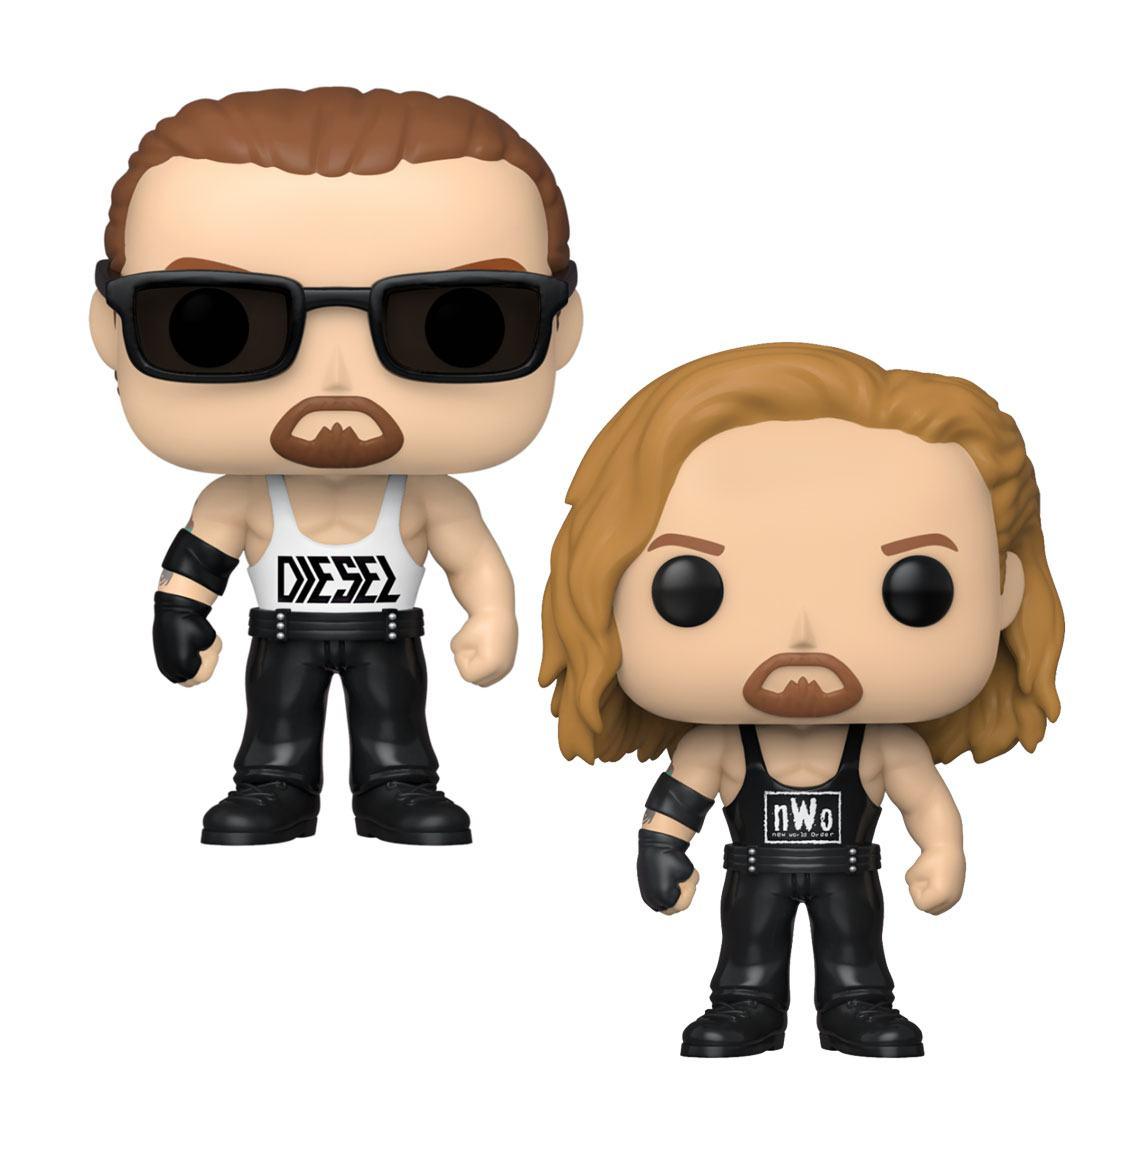 WWE POP! Vinyl Figures Diesel 9 cm Assortment (6)